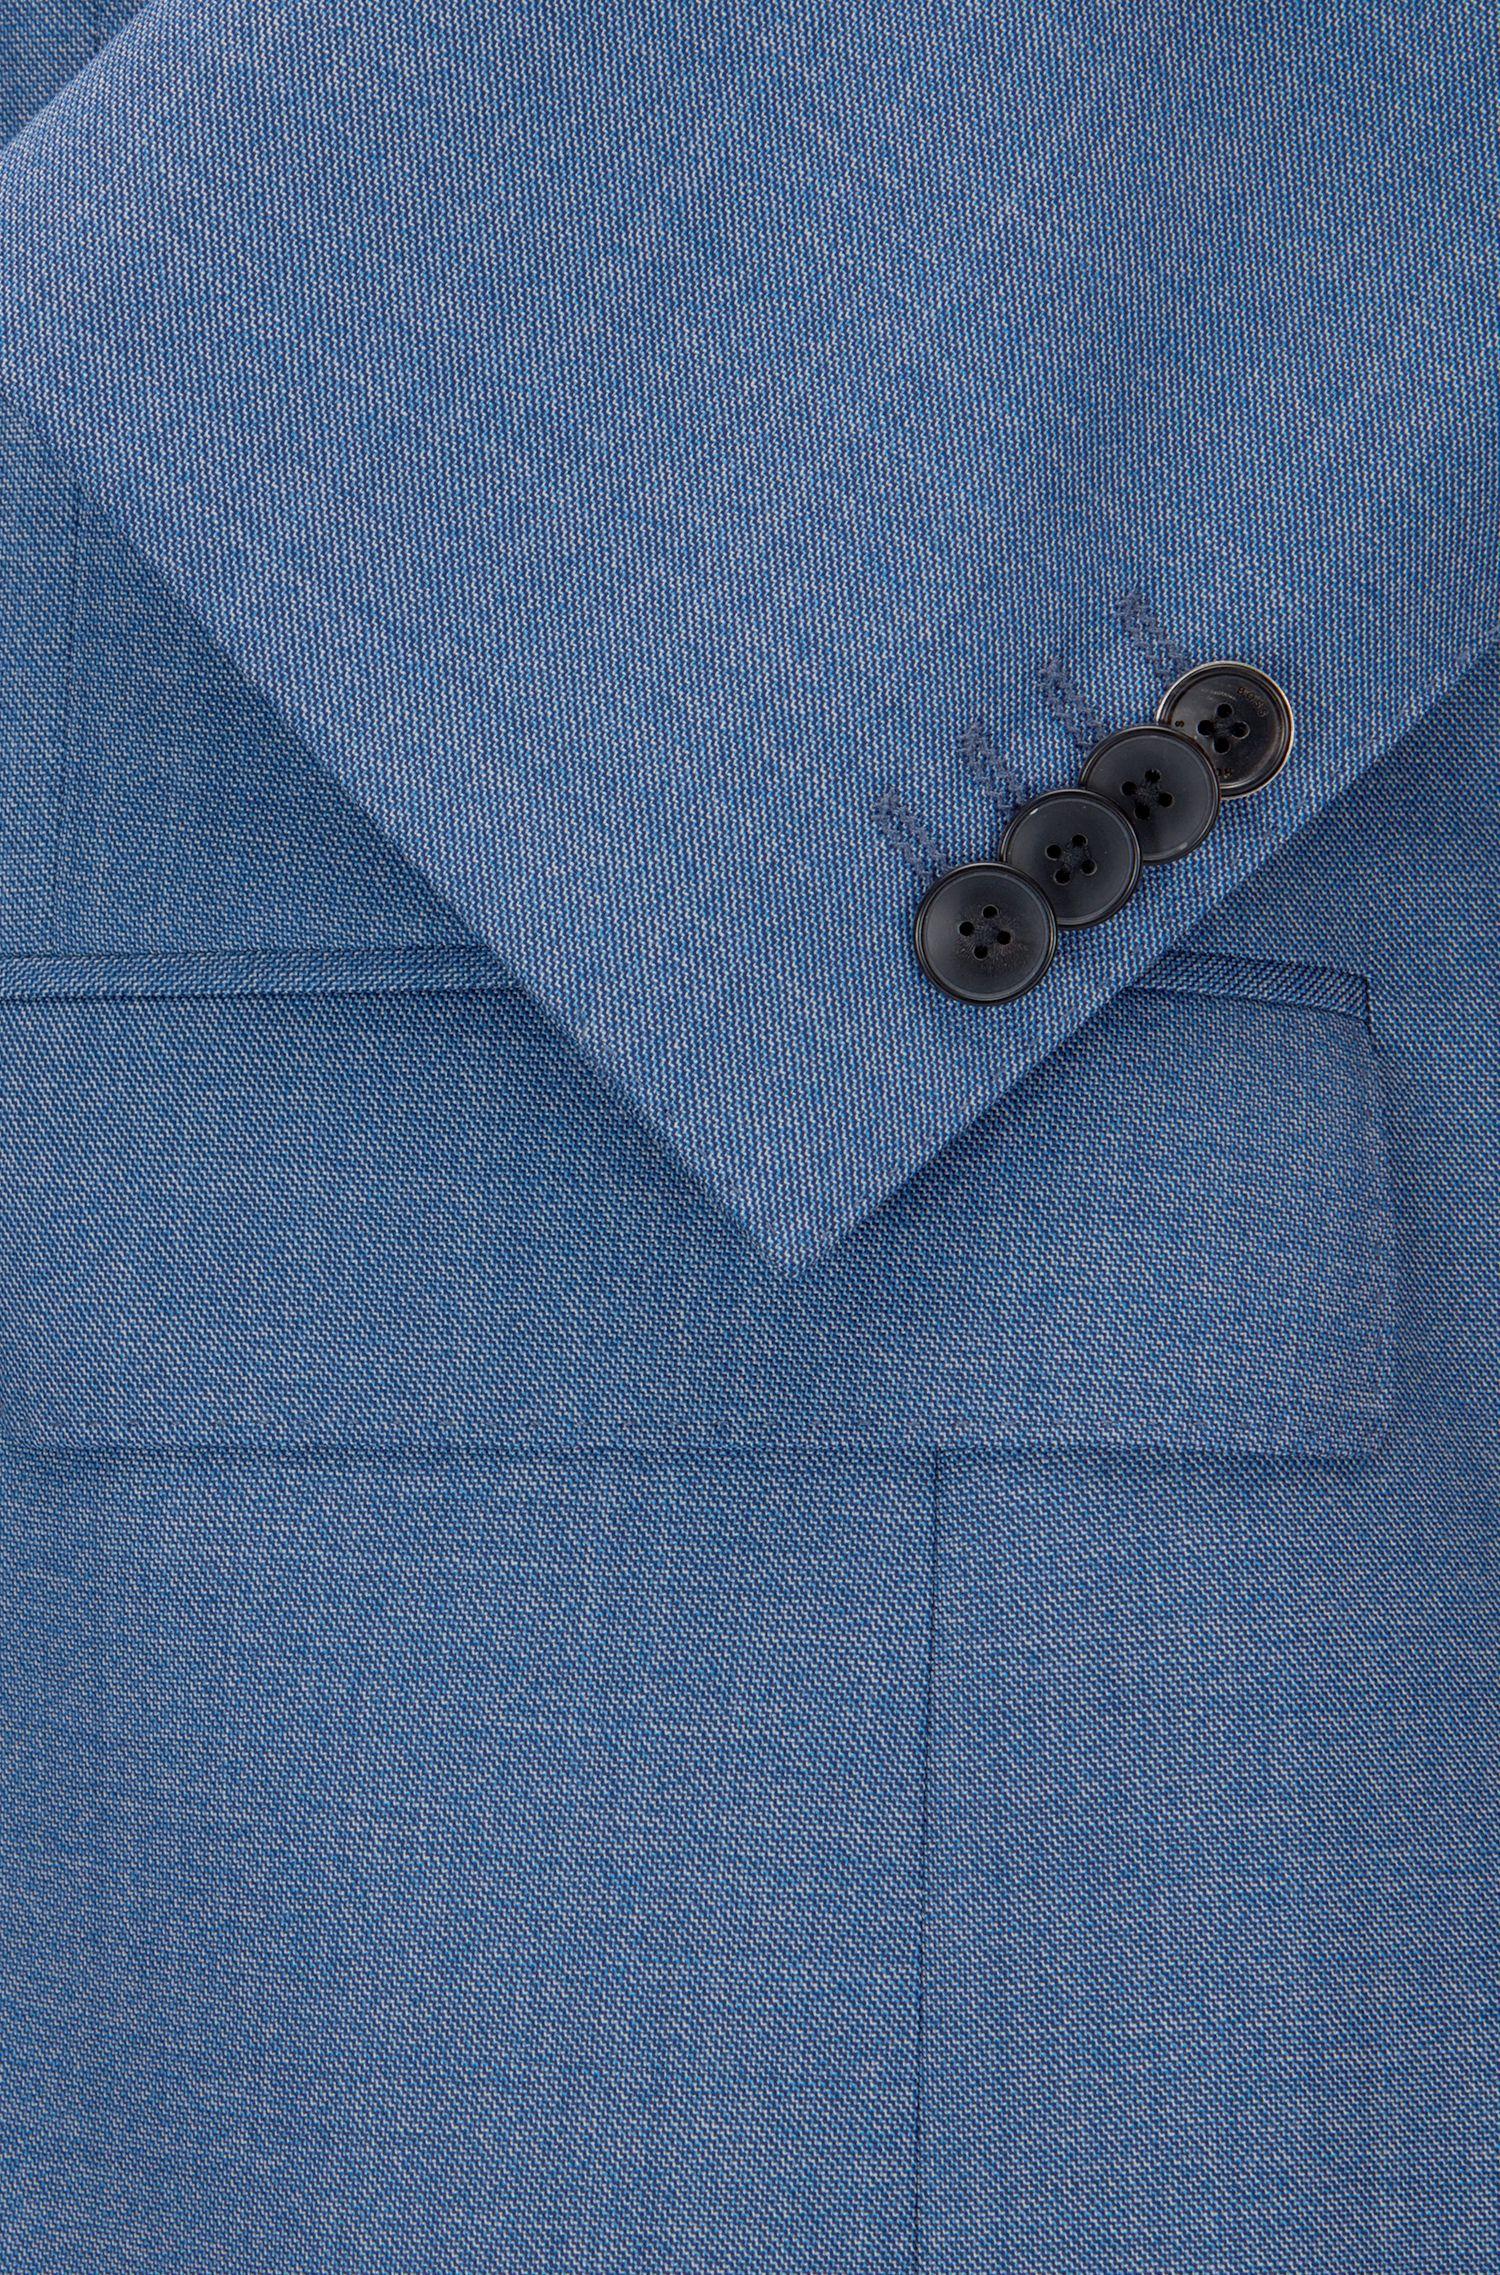 Super 120s Virgin Wool Suit, Slim Fit | Huge/Genius